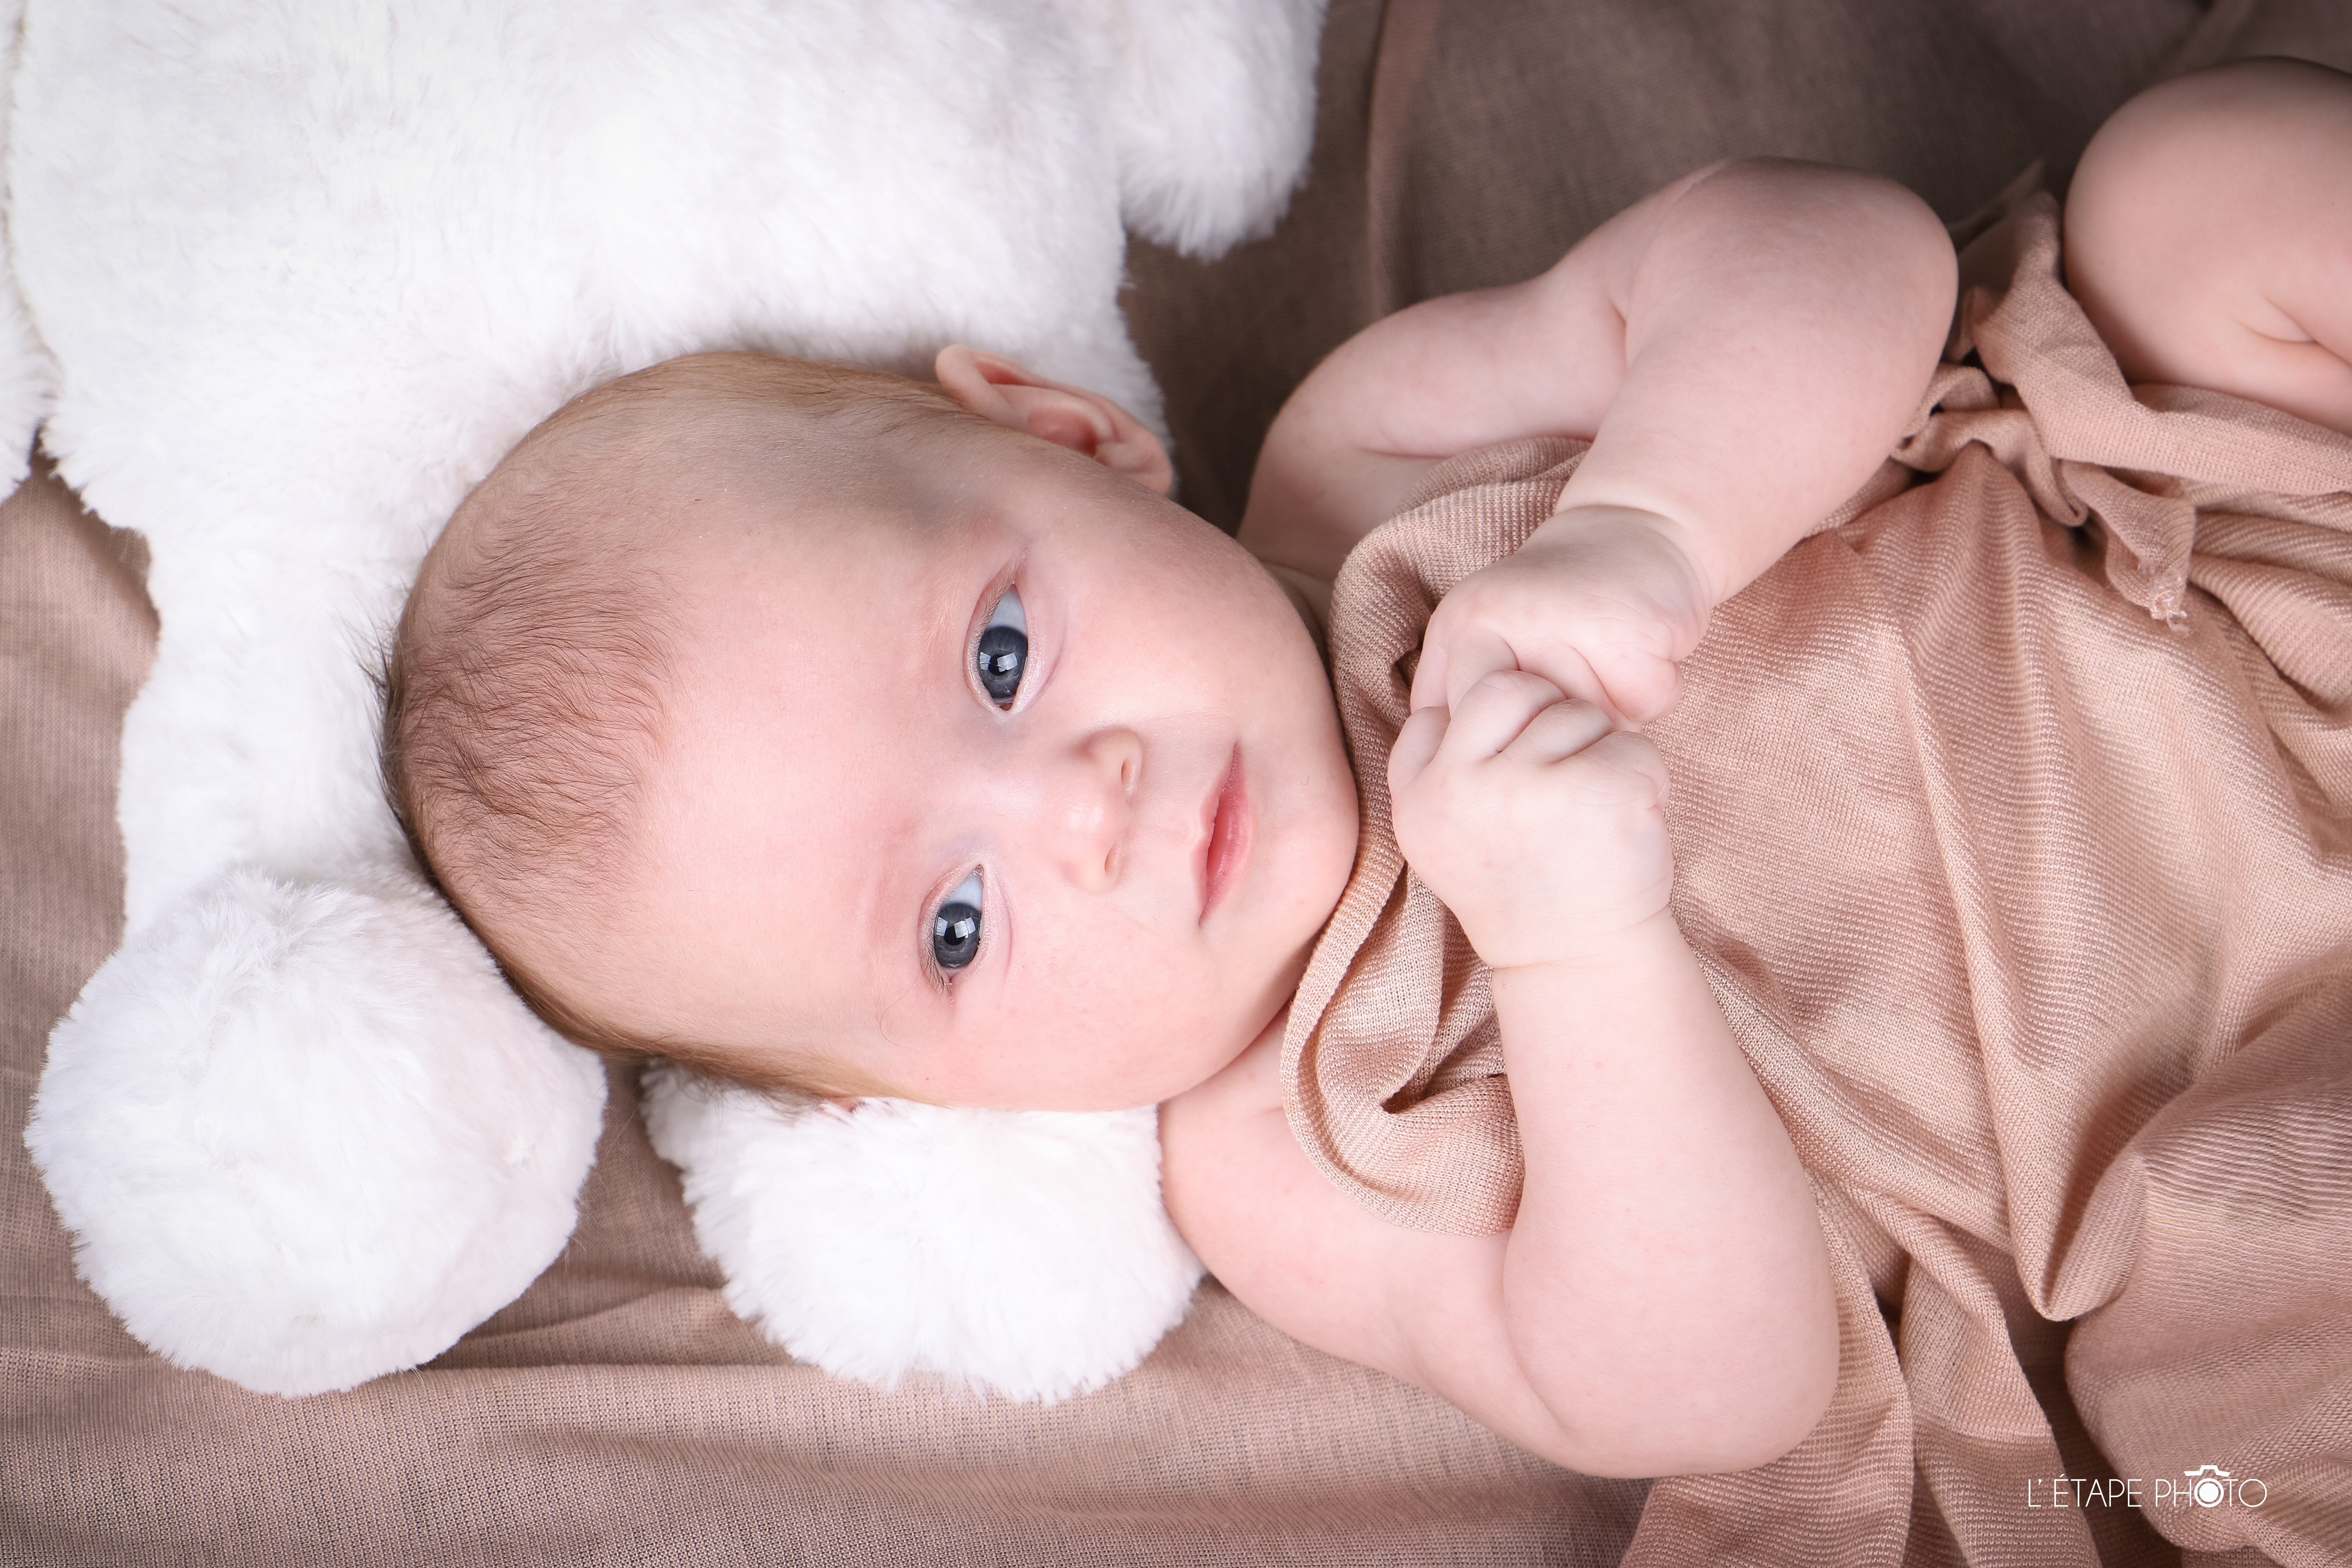 Séance photo naissance et/ou grossesse à partir de 39€